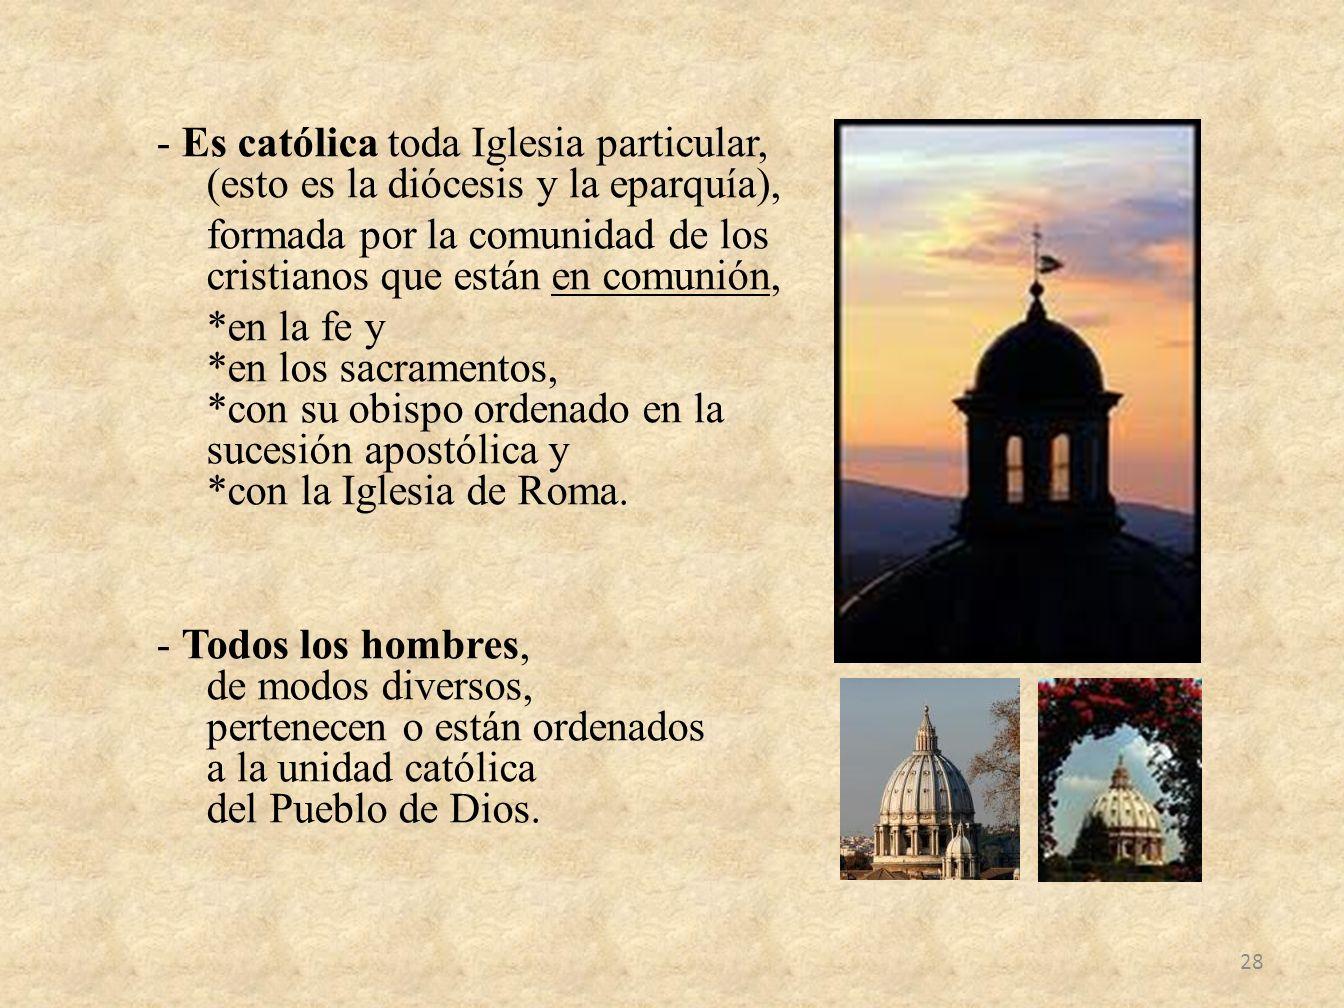 - Es católica toda Iglesia particular, (esto es la diócesis y la eparquía), formada por la comunidad de los cristianos que están en comunión, *en la fe y *en los sacramentos, *con su obispo ordenado en la sucesión apostólica y *con la Iglesia de Roma.